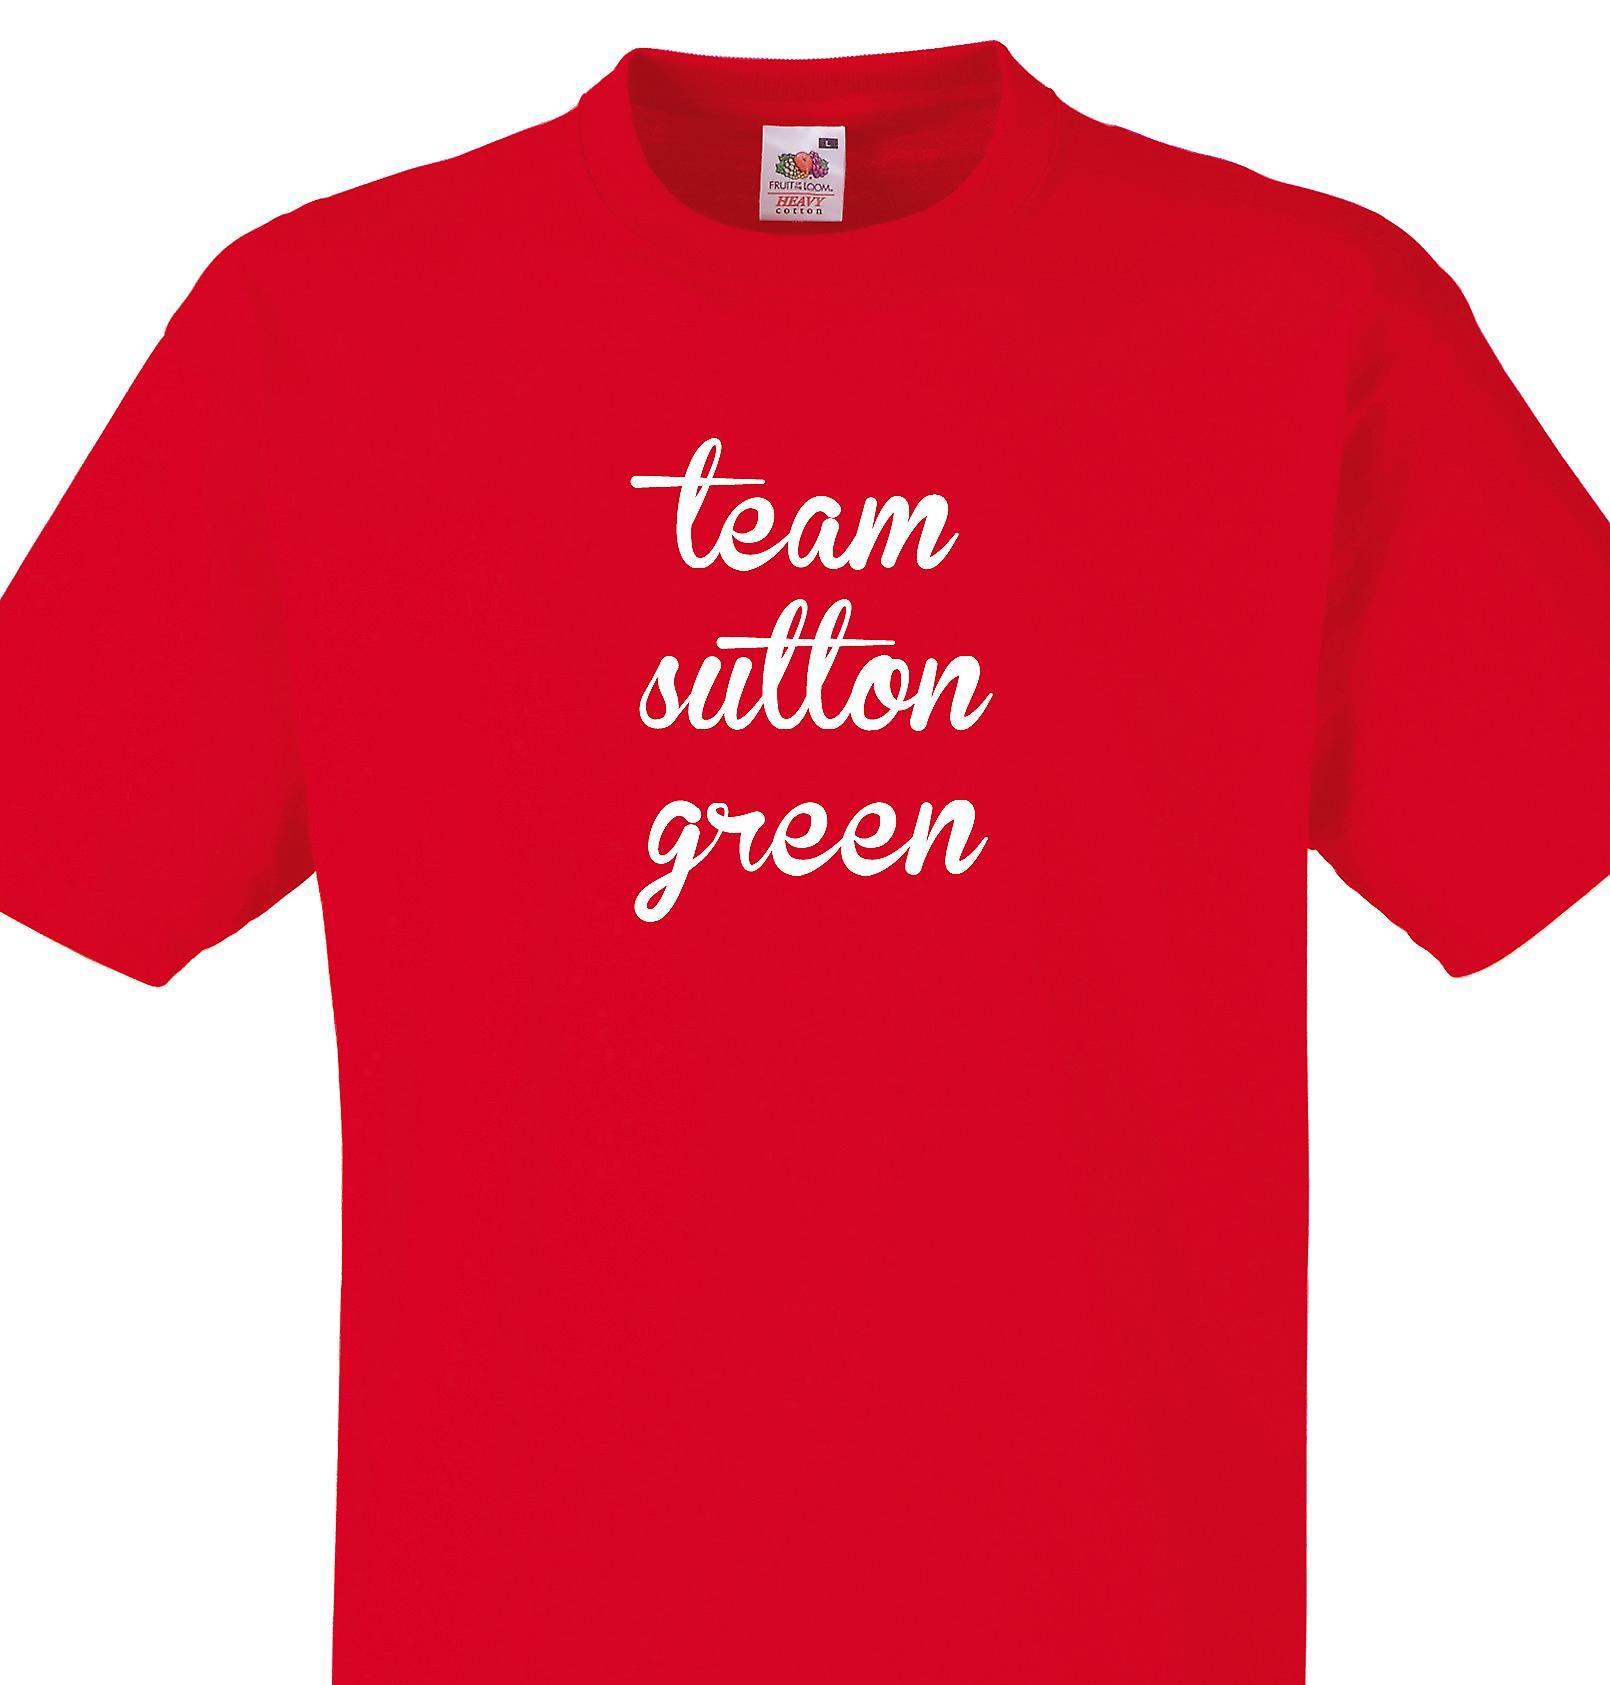 Team Sutton green Red T shirt